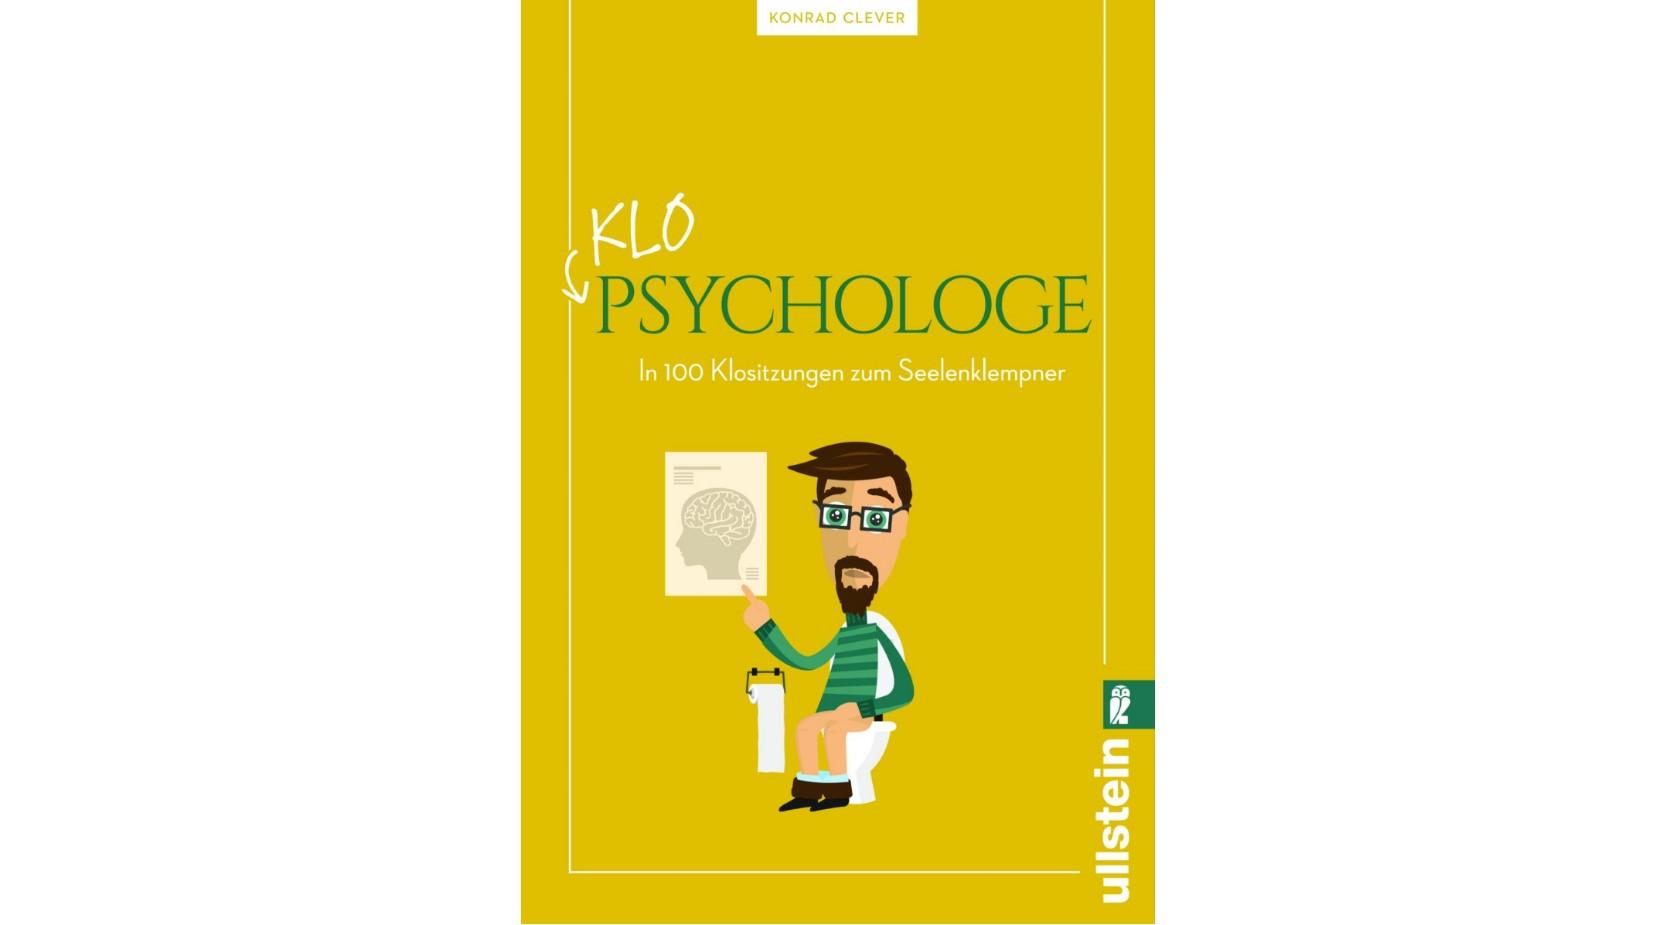 Der Video-Teaser zum Buch: Der Klo-Psychologe